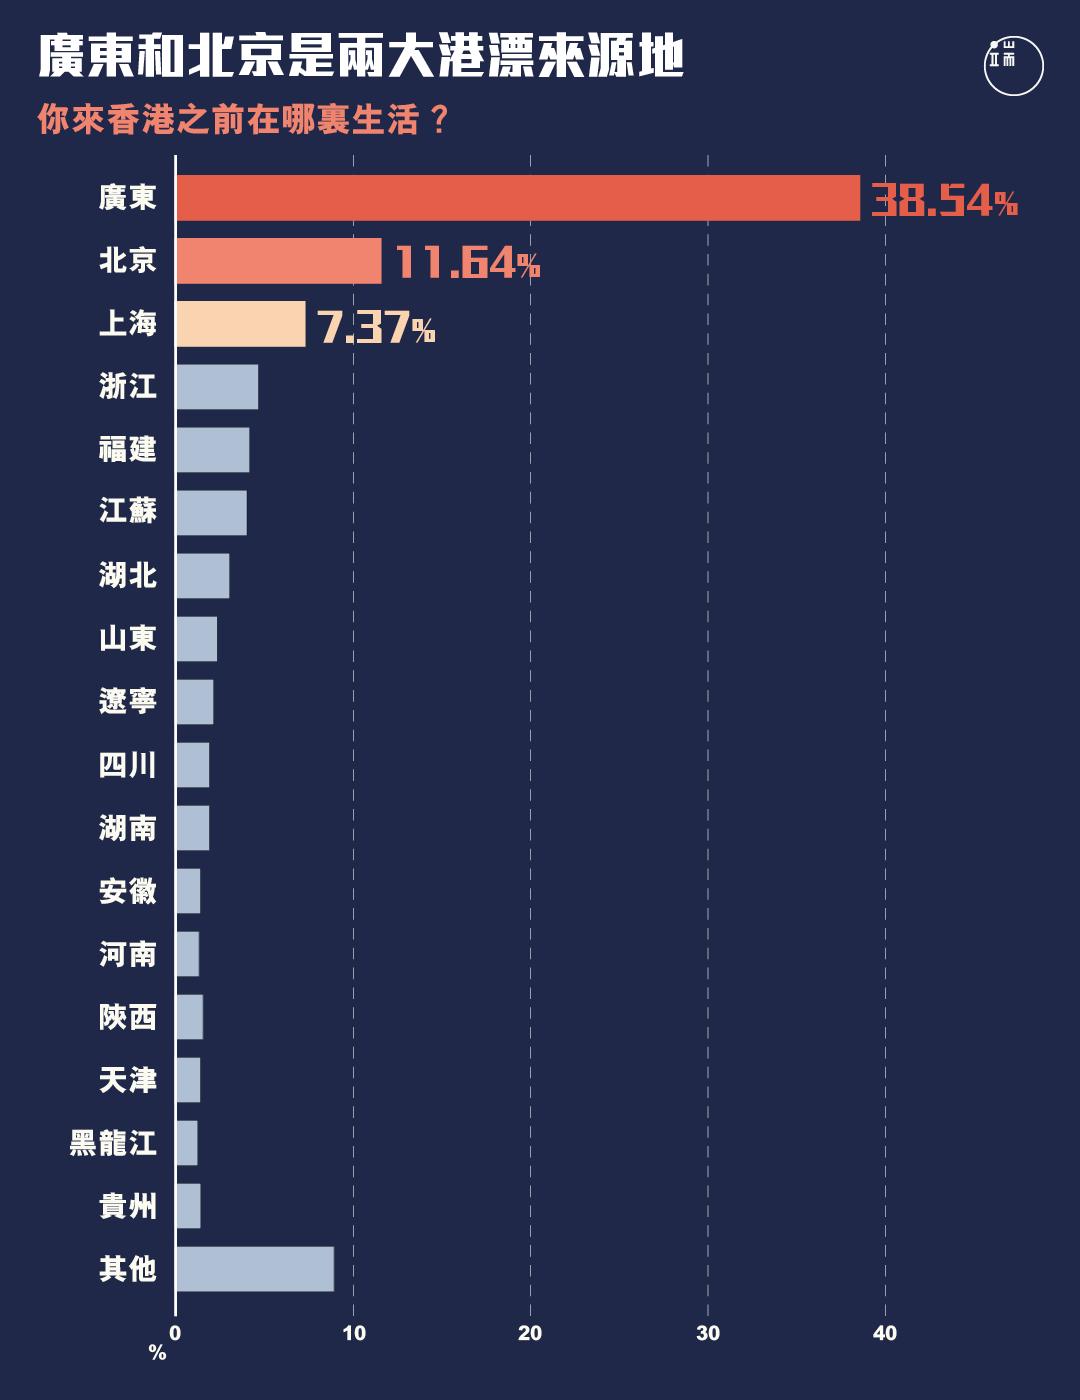 過半受訪港漂來自廣東和北京,來自廣東的是北京的三倍有多。